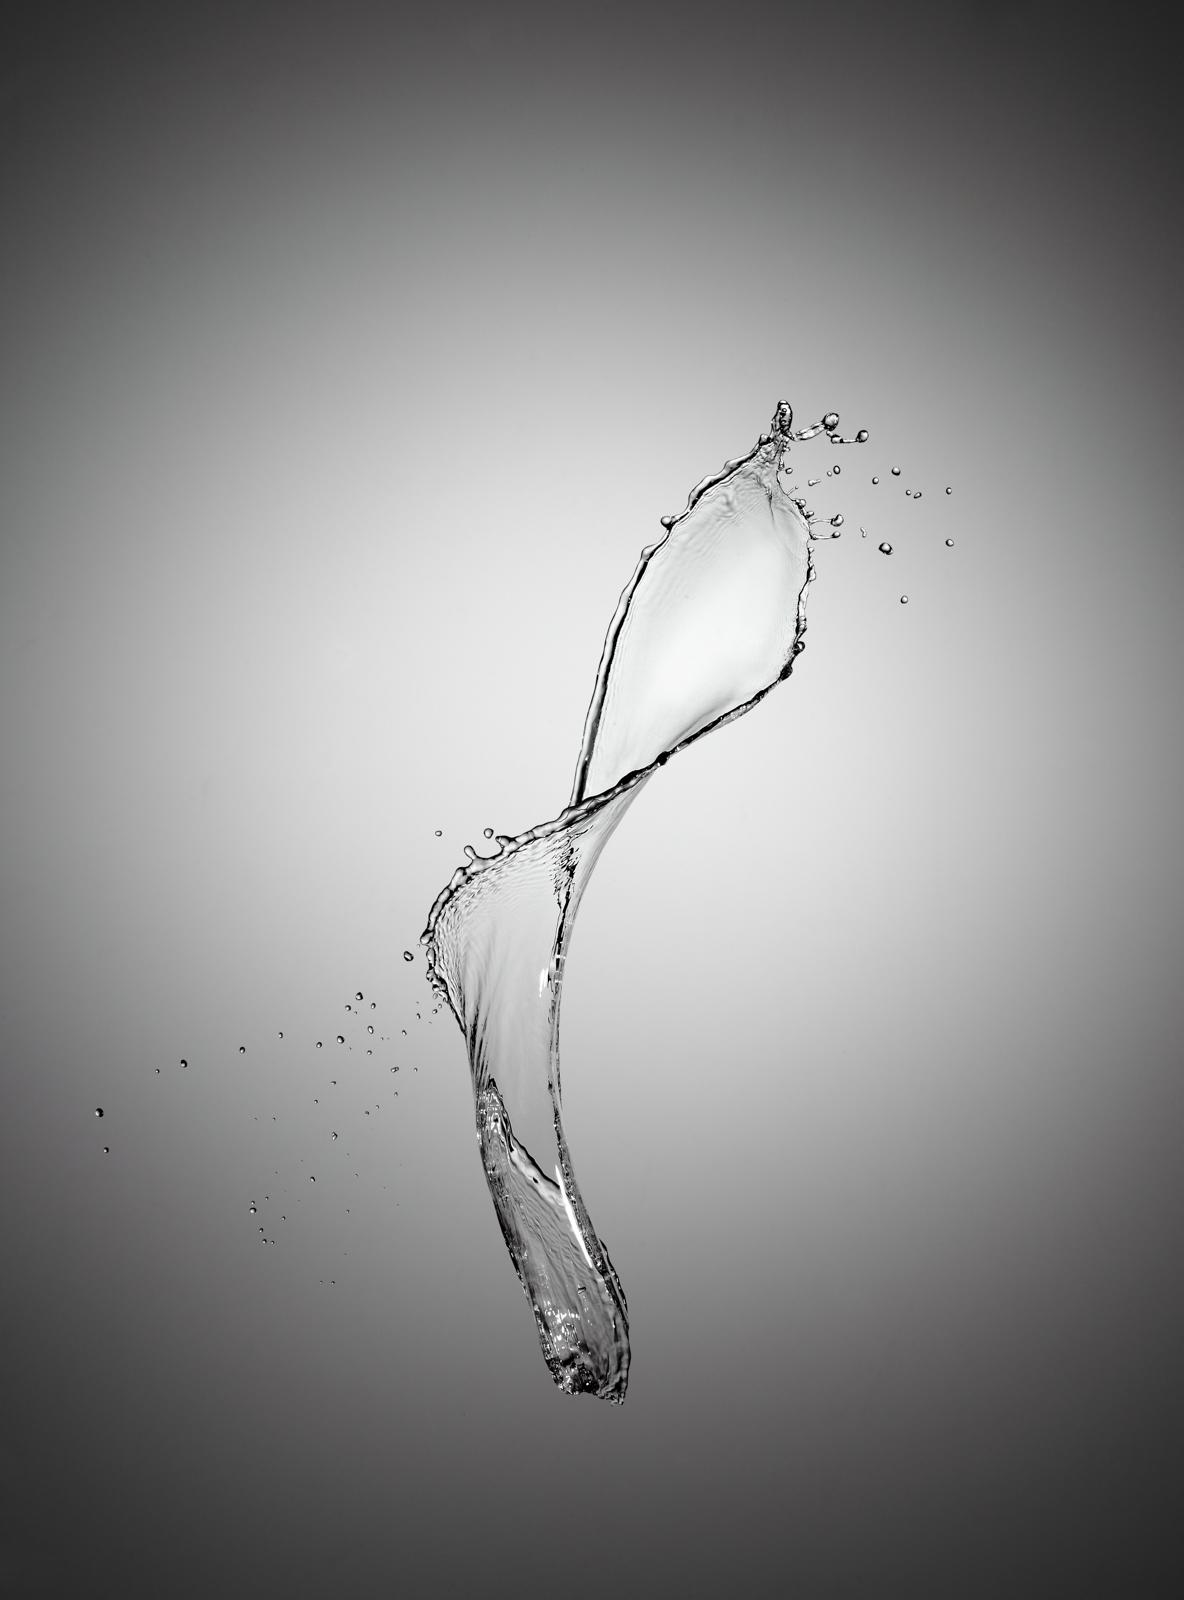 liquid_004.jpg